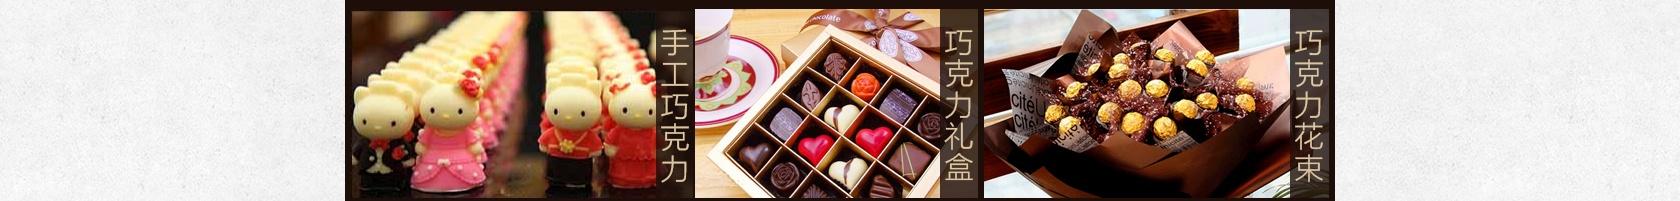 手工巧克力,巧克力礼盒,巧克力花束